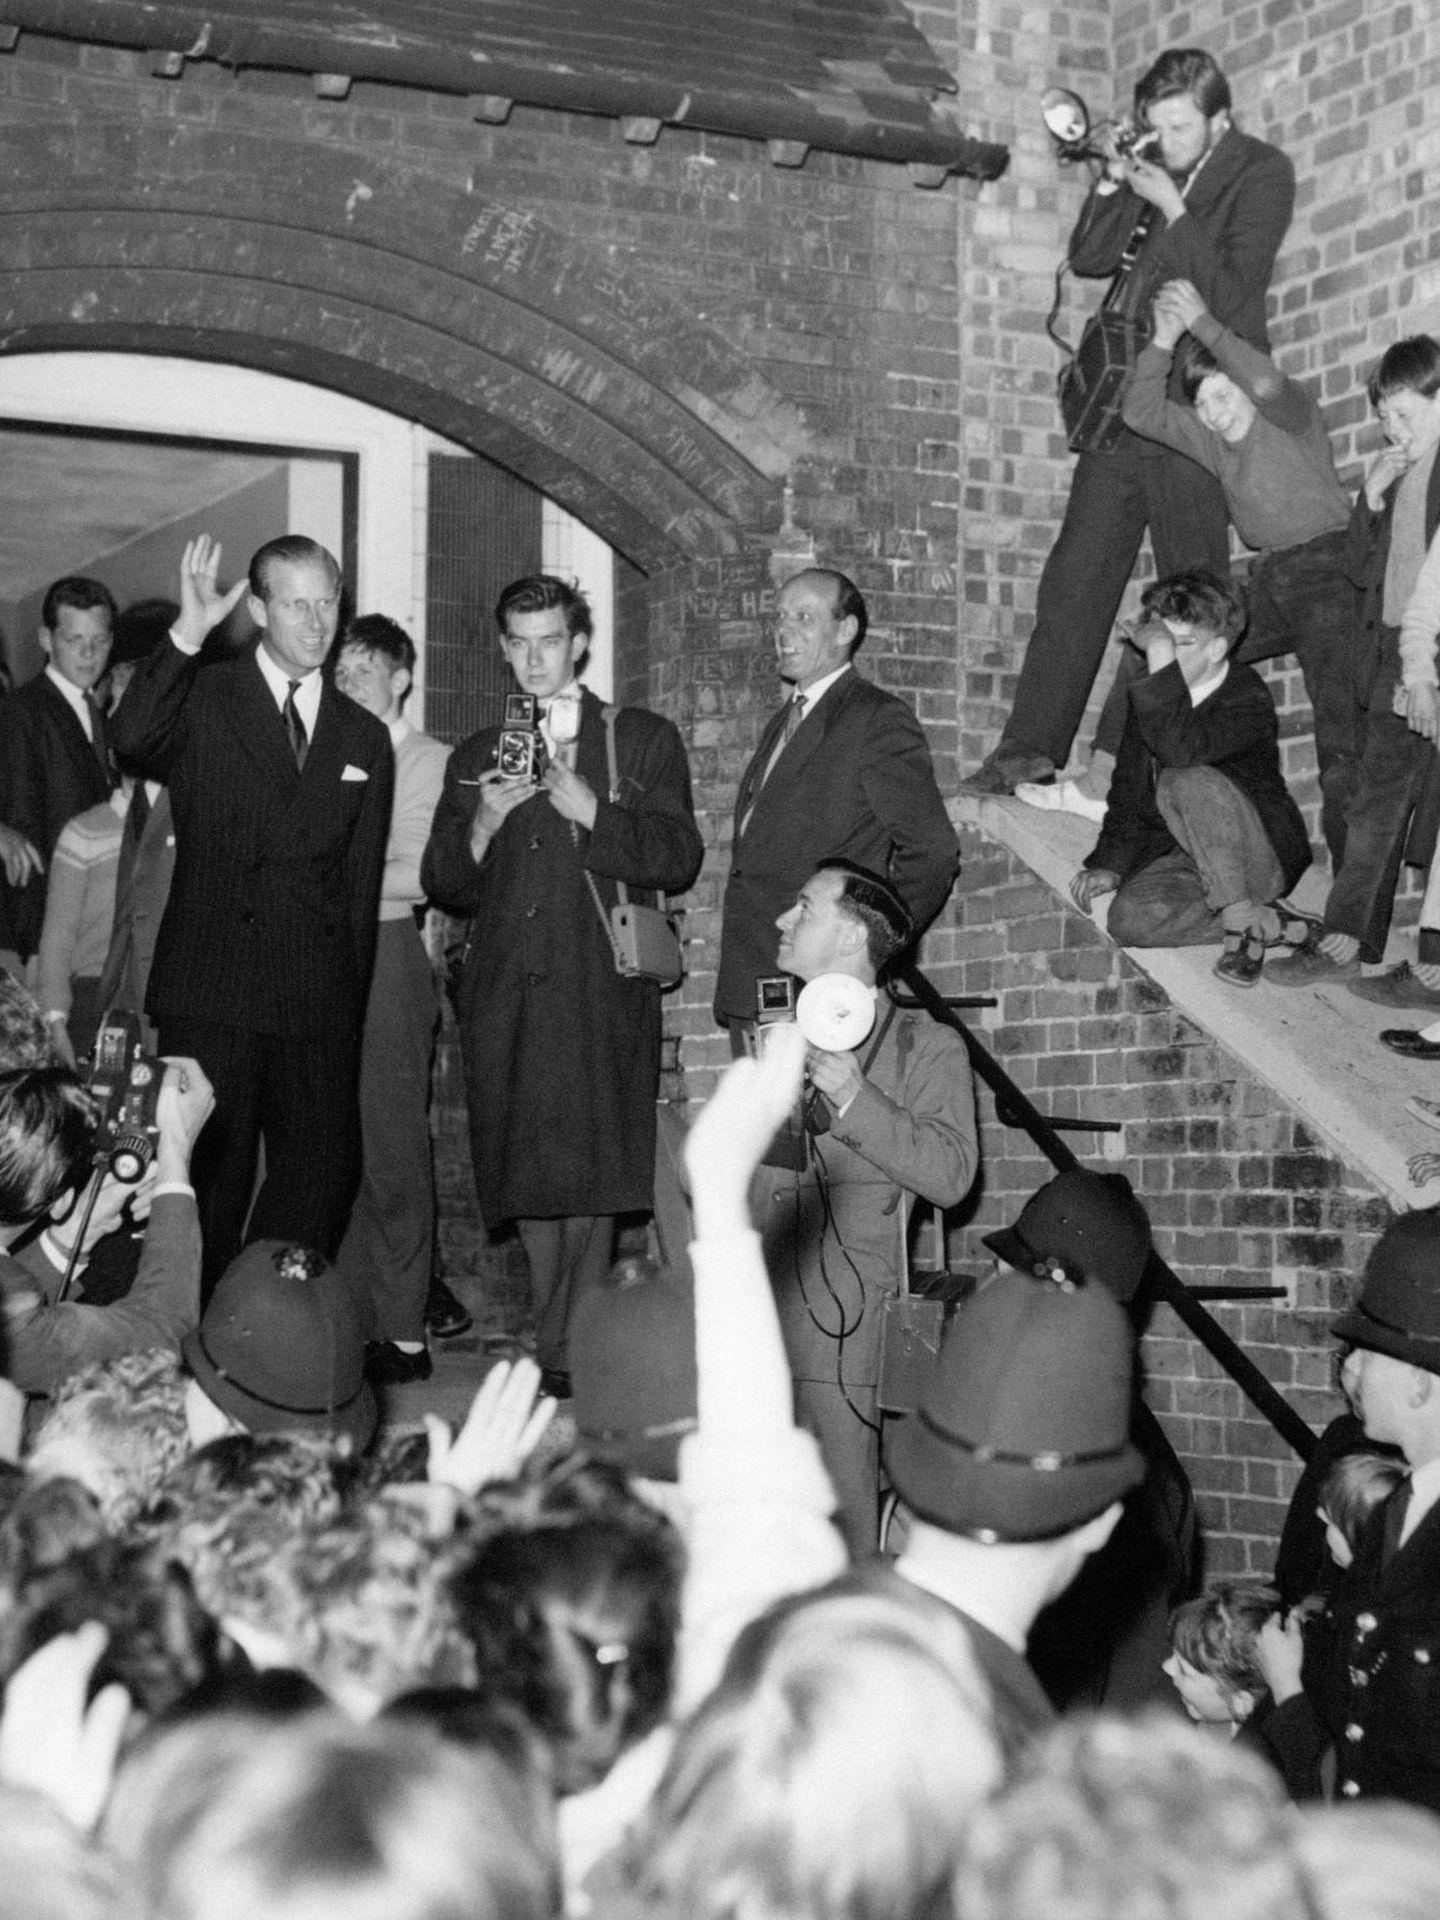 El duque de Edimburgo, con la Juventud de Londres, en 1948. (Palacio de Buckingham)